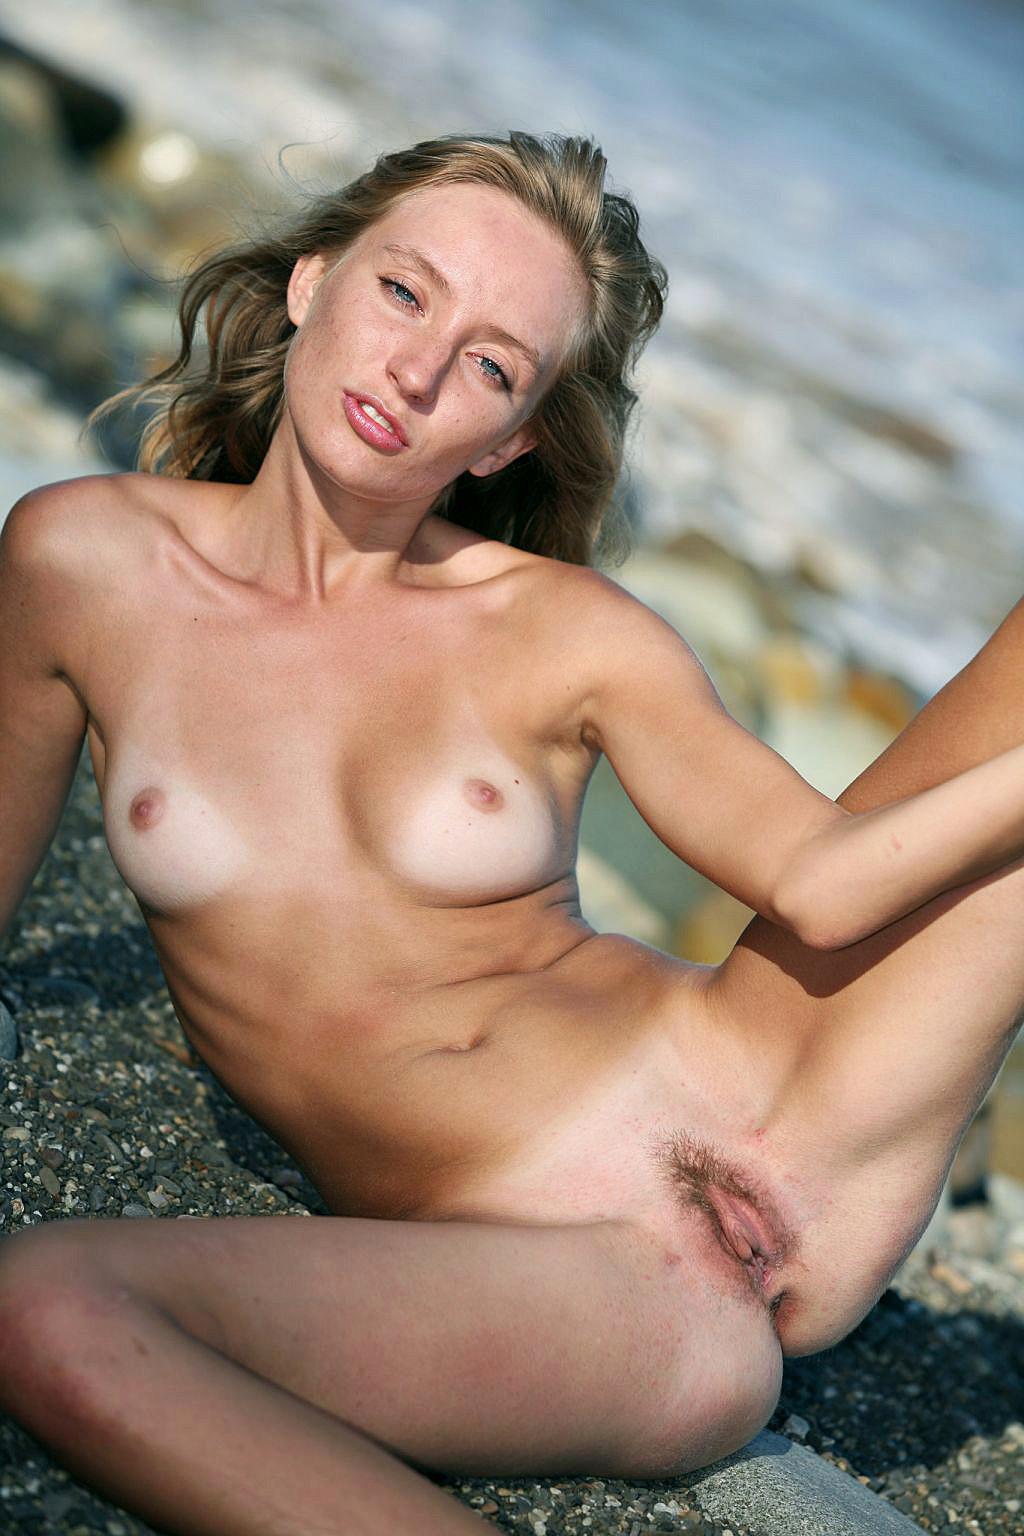 Nacktfotos ohne anmeldung Extrem geile fotzen